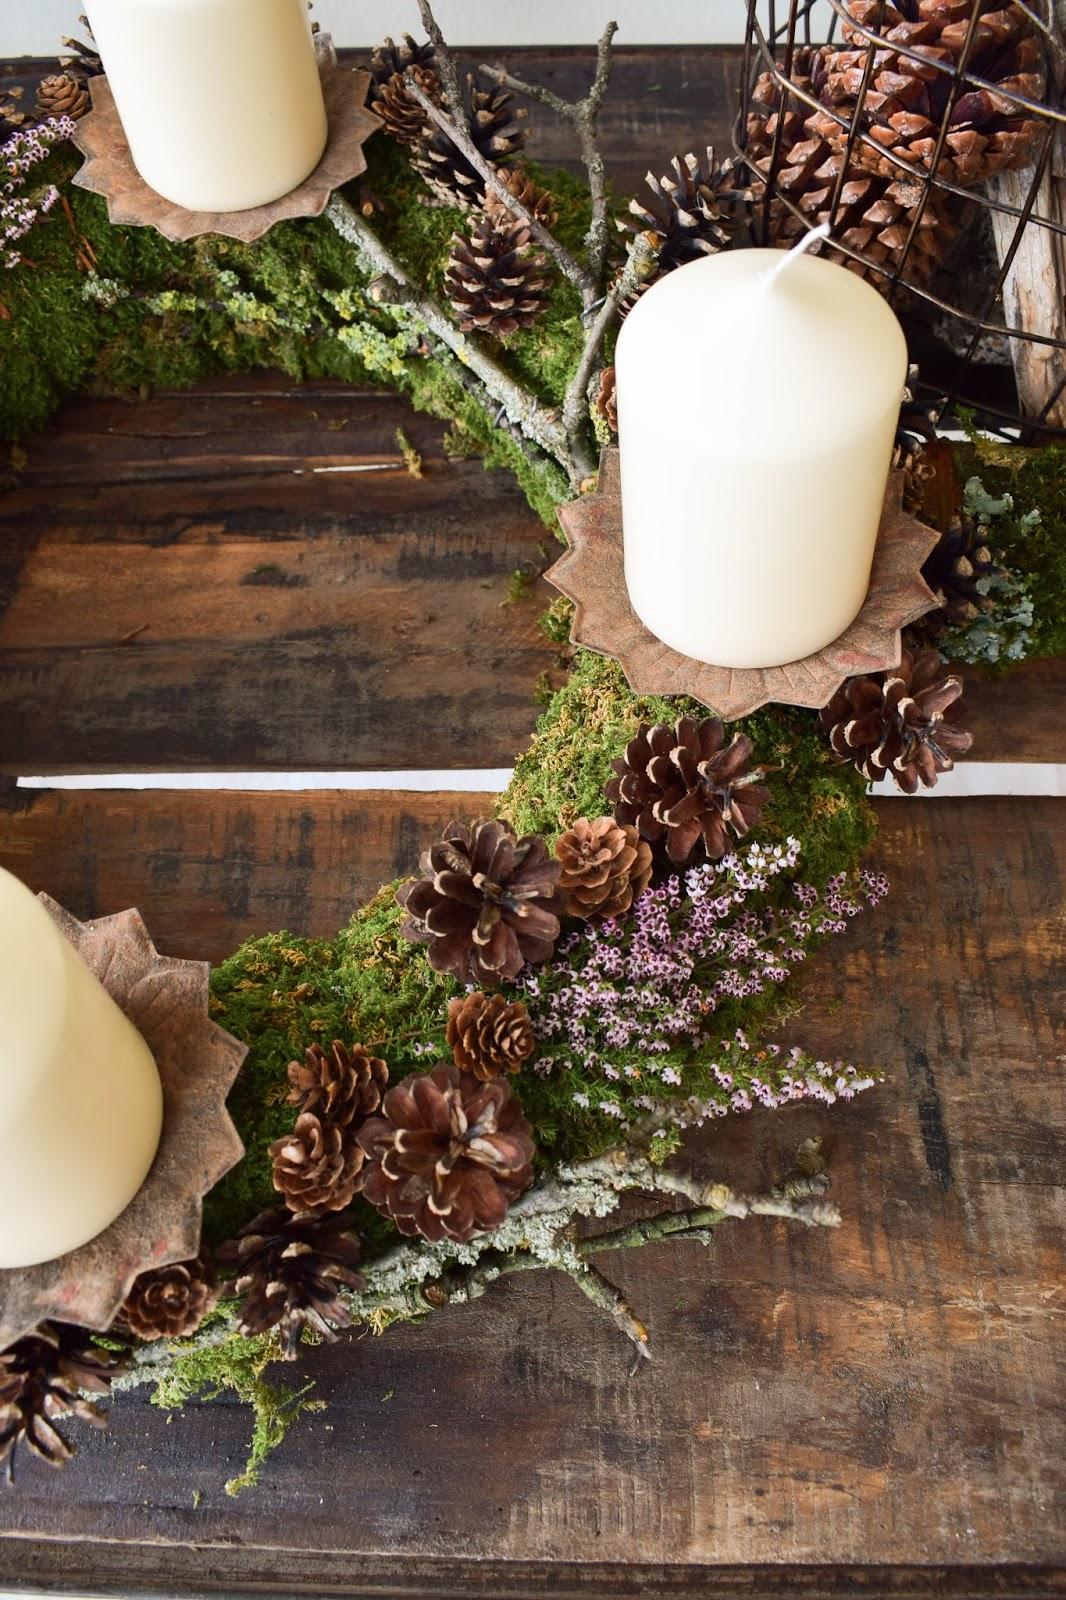 Adventskranz selber machen. DIY Mooskranz für Advent mit Zapfen und ganz viel Natur. Adventskranz Ideen einfach selbstgemacht